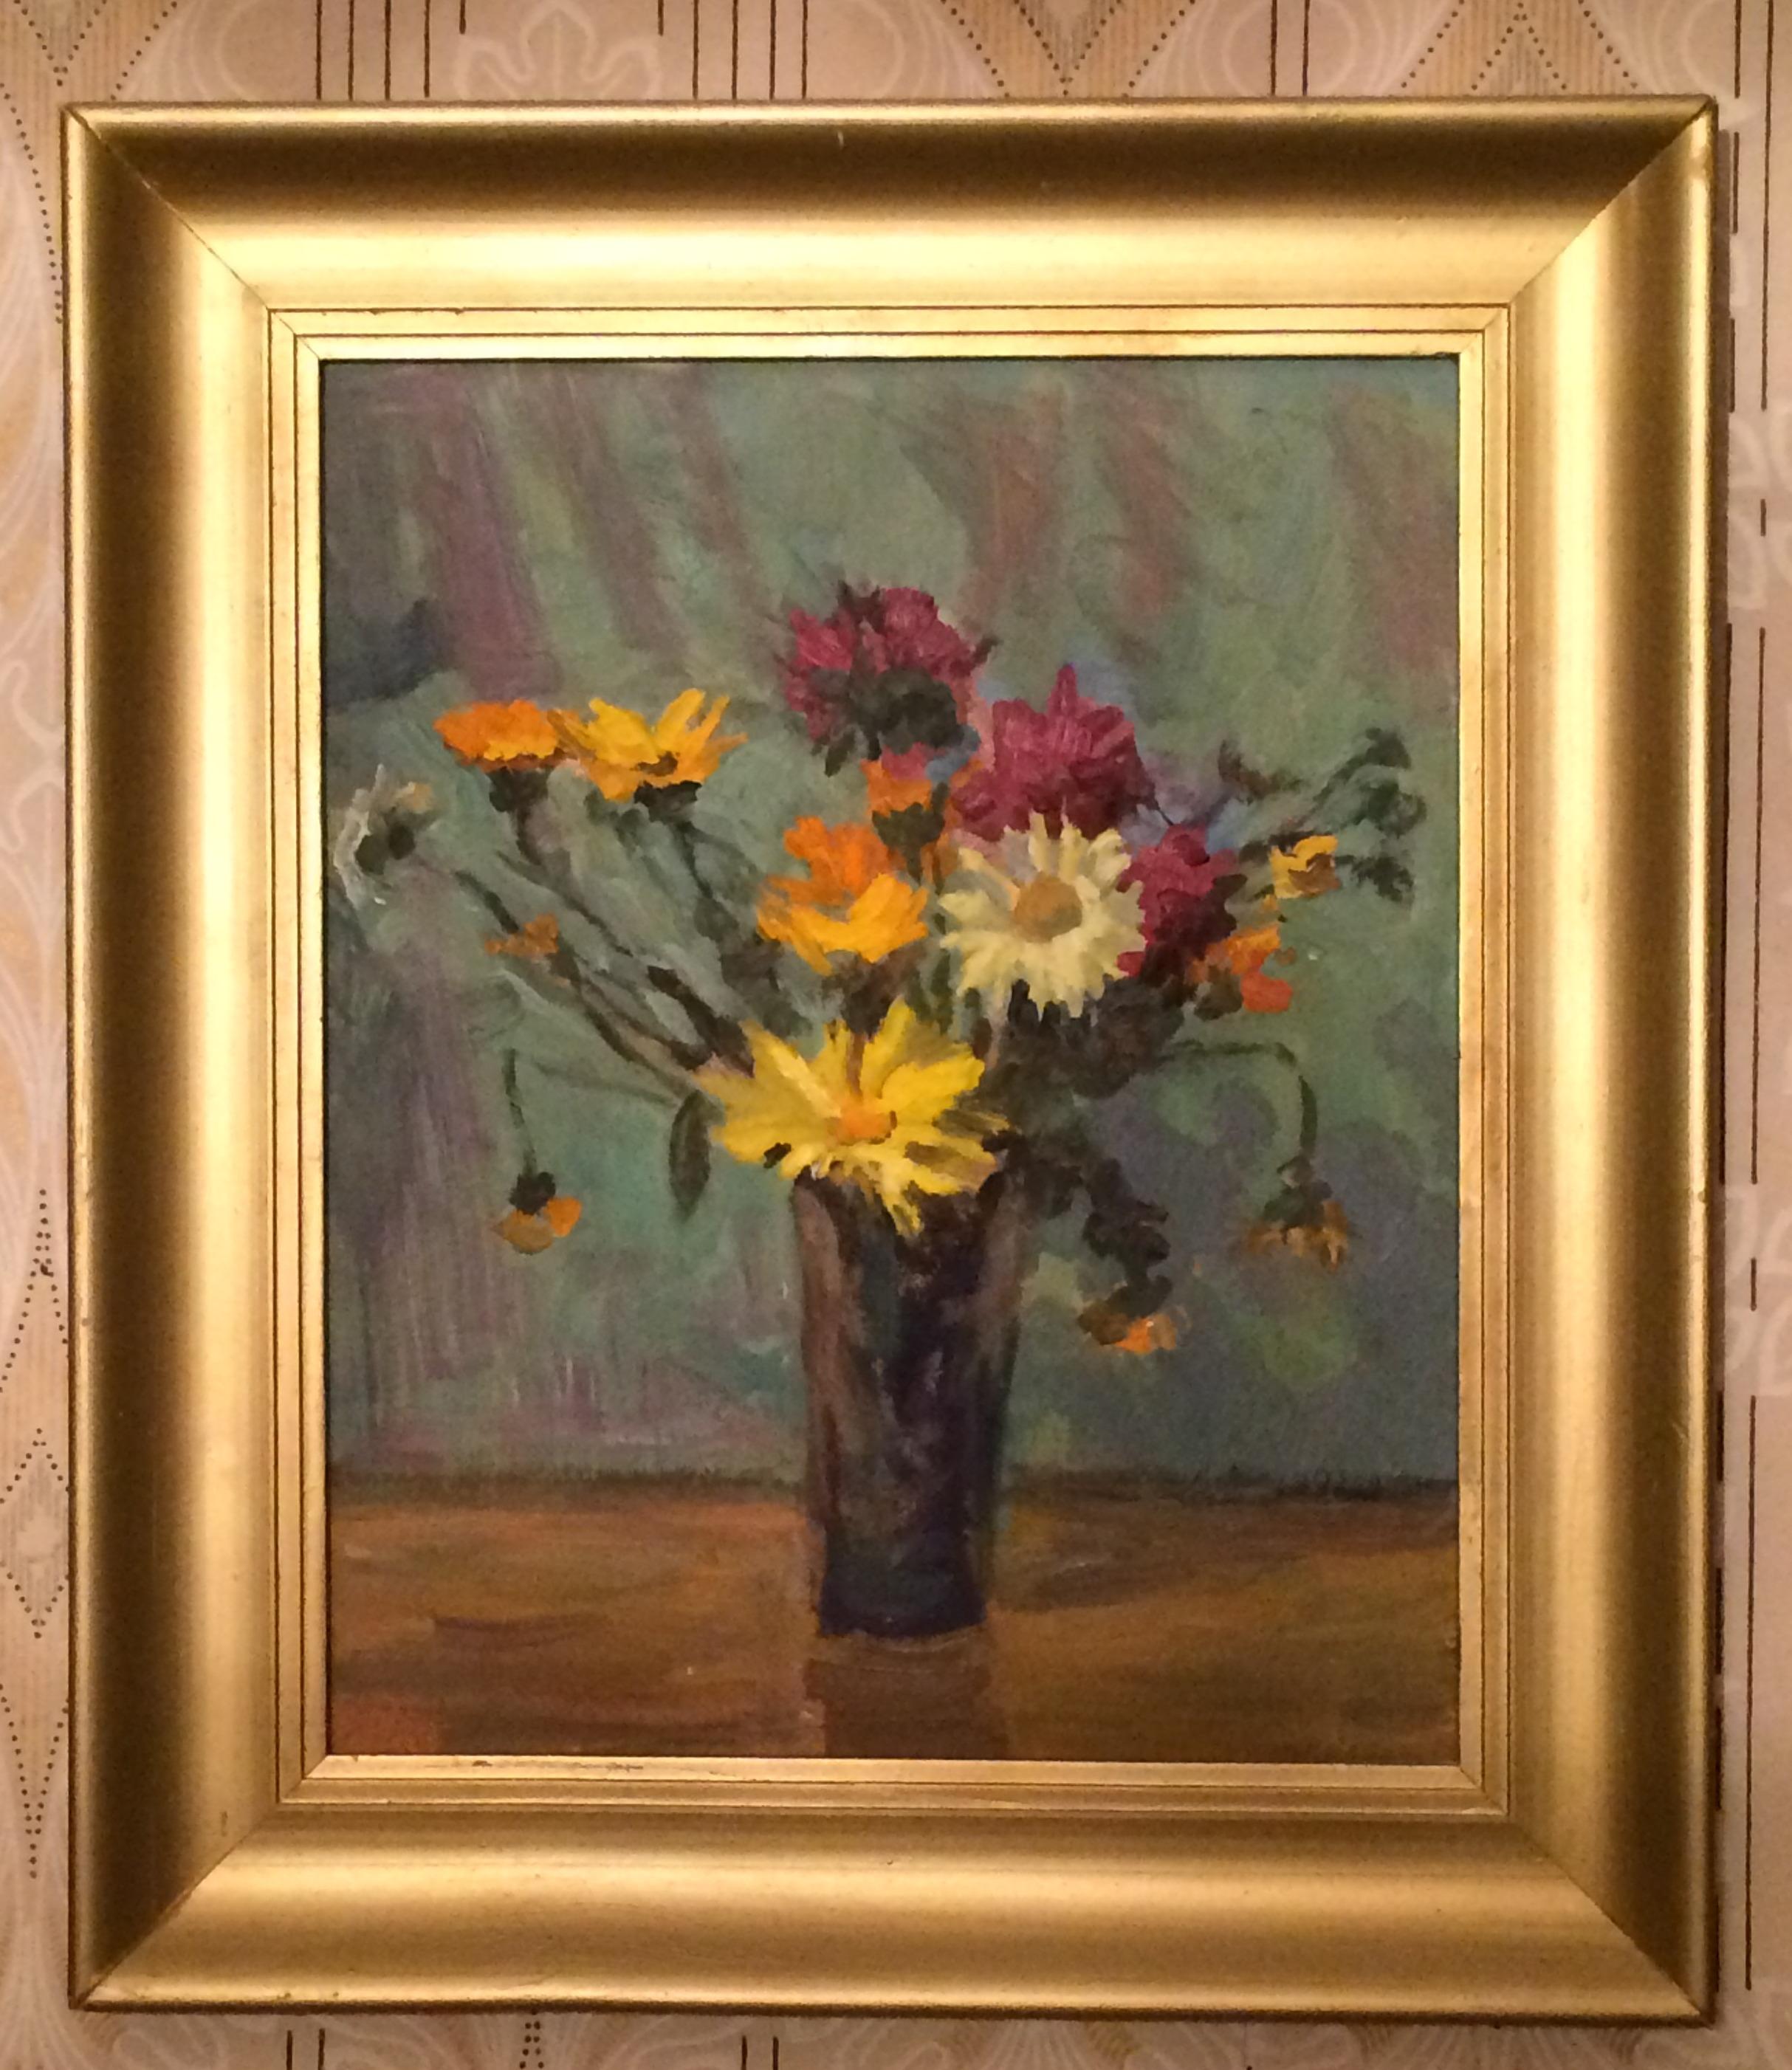 Цветы в темной вазе 39-32 см. холст, масло 1979 - 1